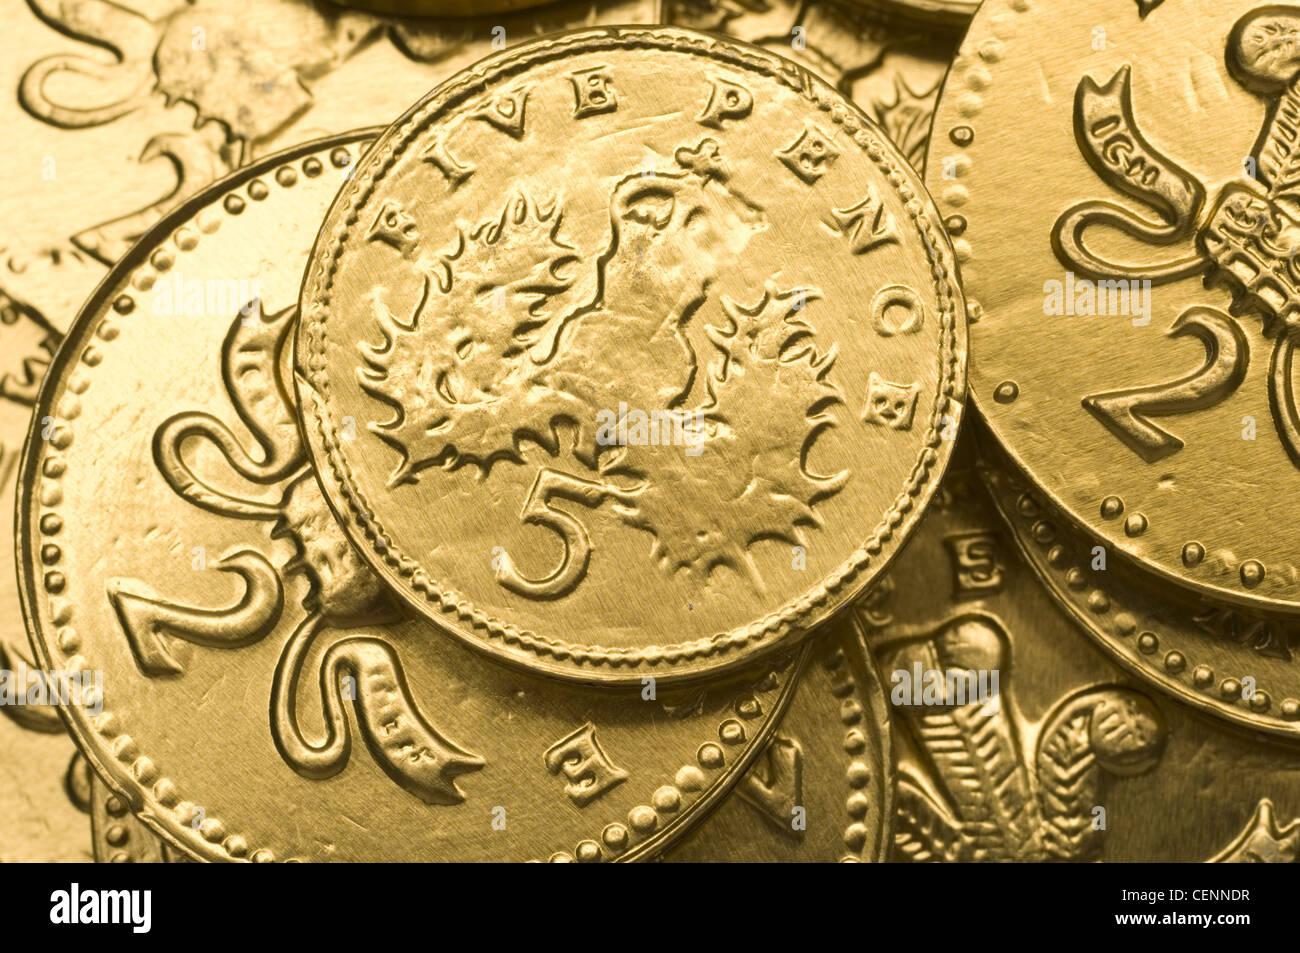 Nahaufnahme Von Gold Schokolade 5 Pence Und 2 Pence Münzen Verteilt